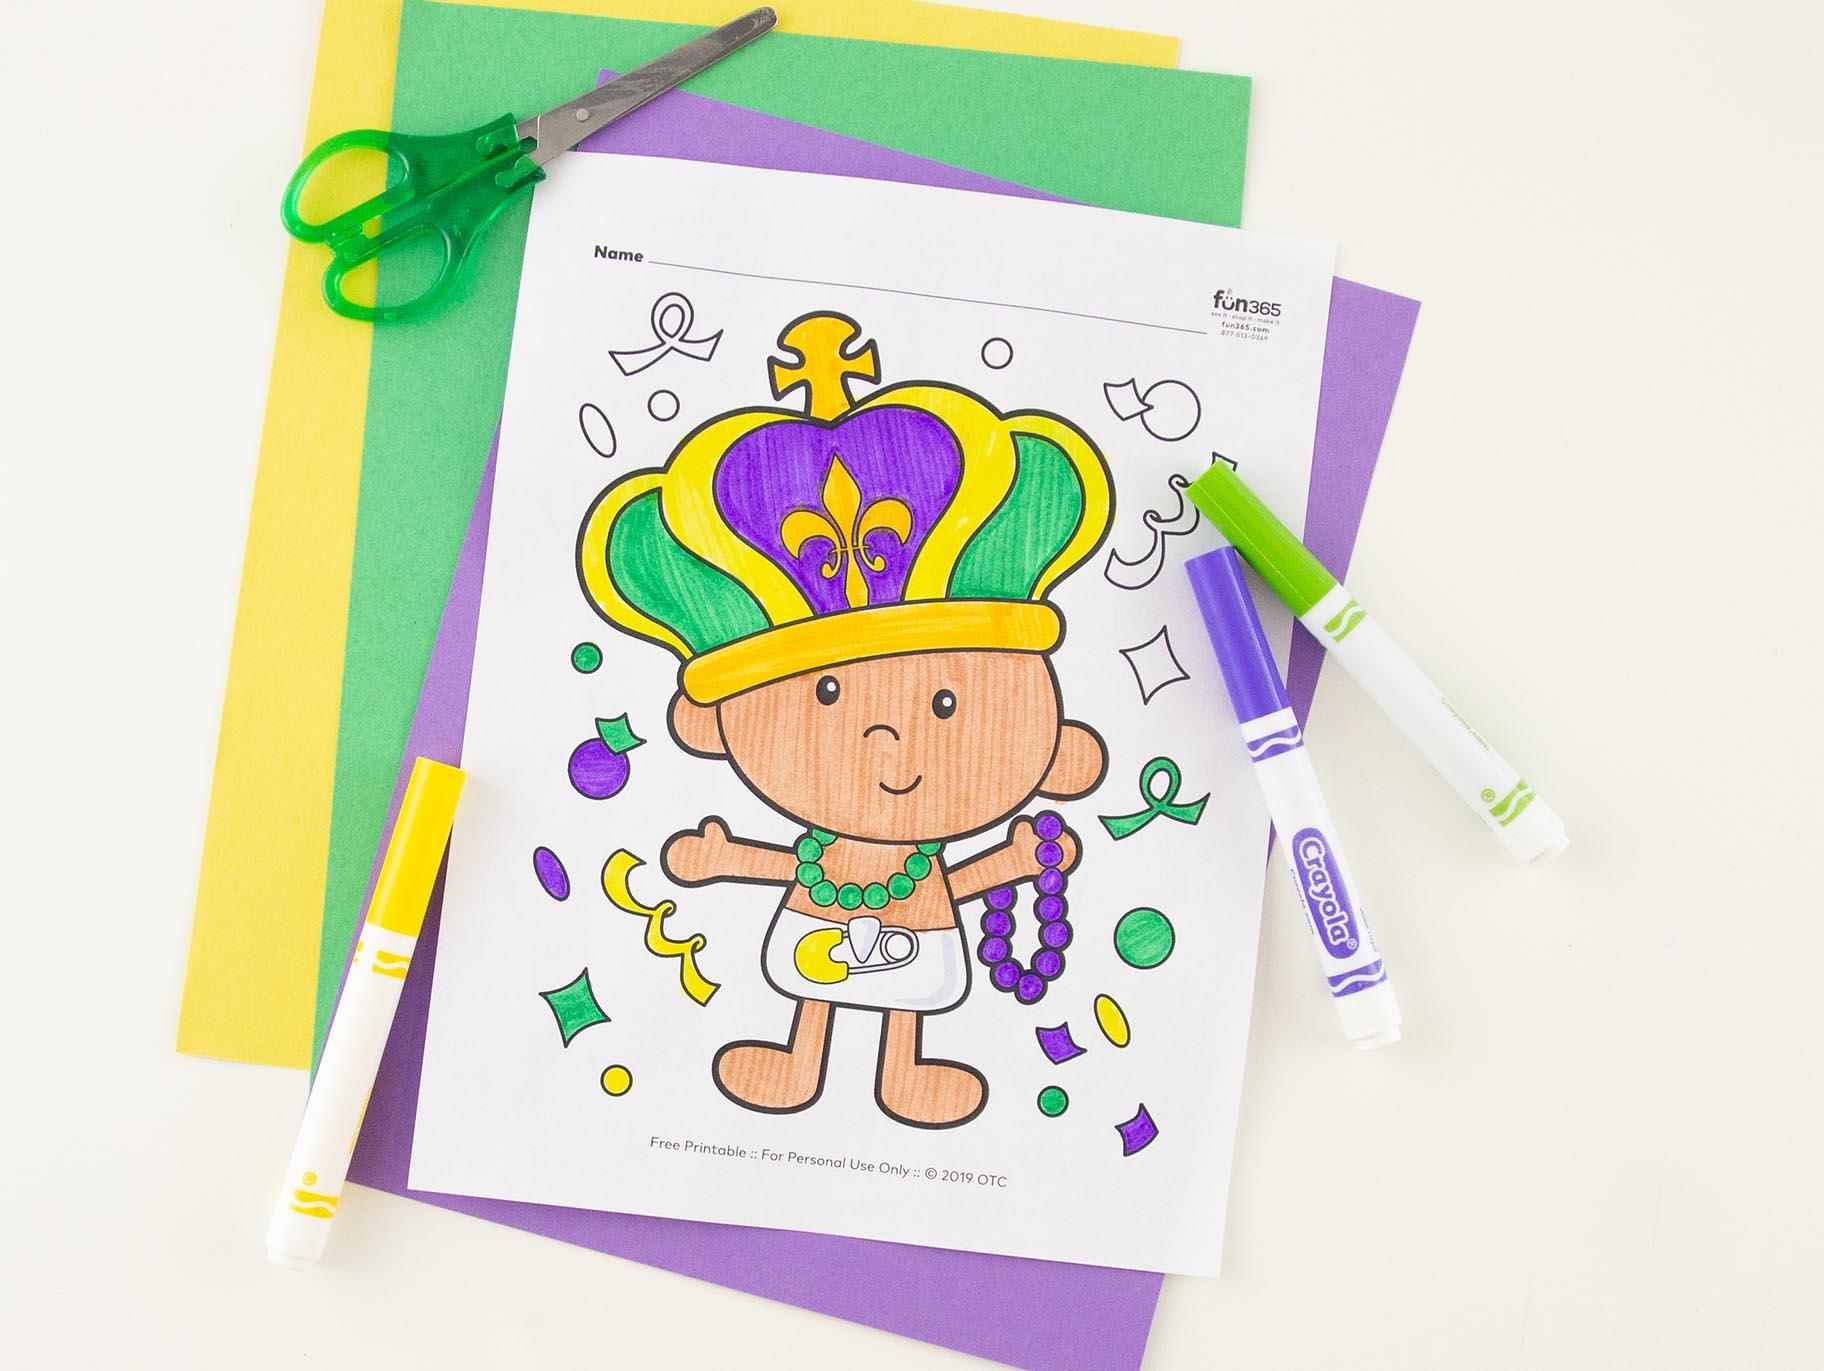 Mardi Gras King Cake Baby Coloring Page Free Printable Fun365